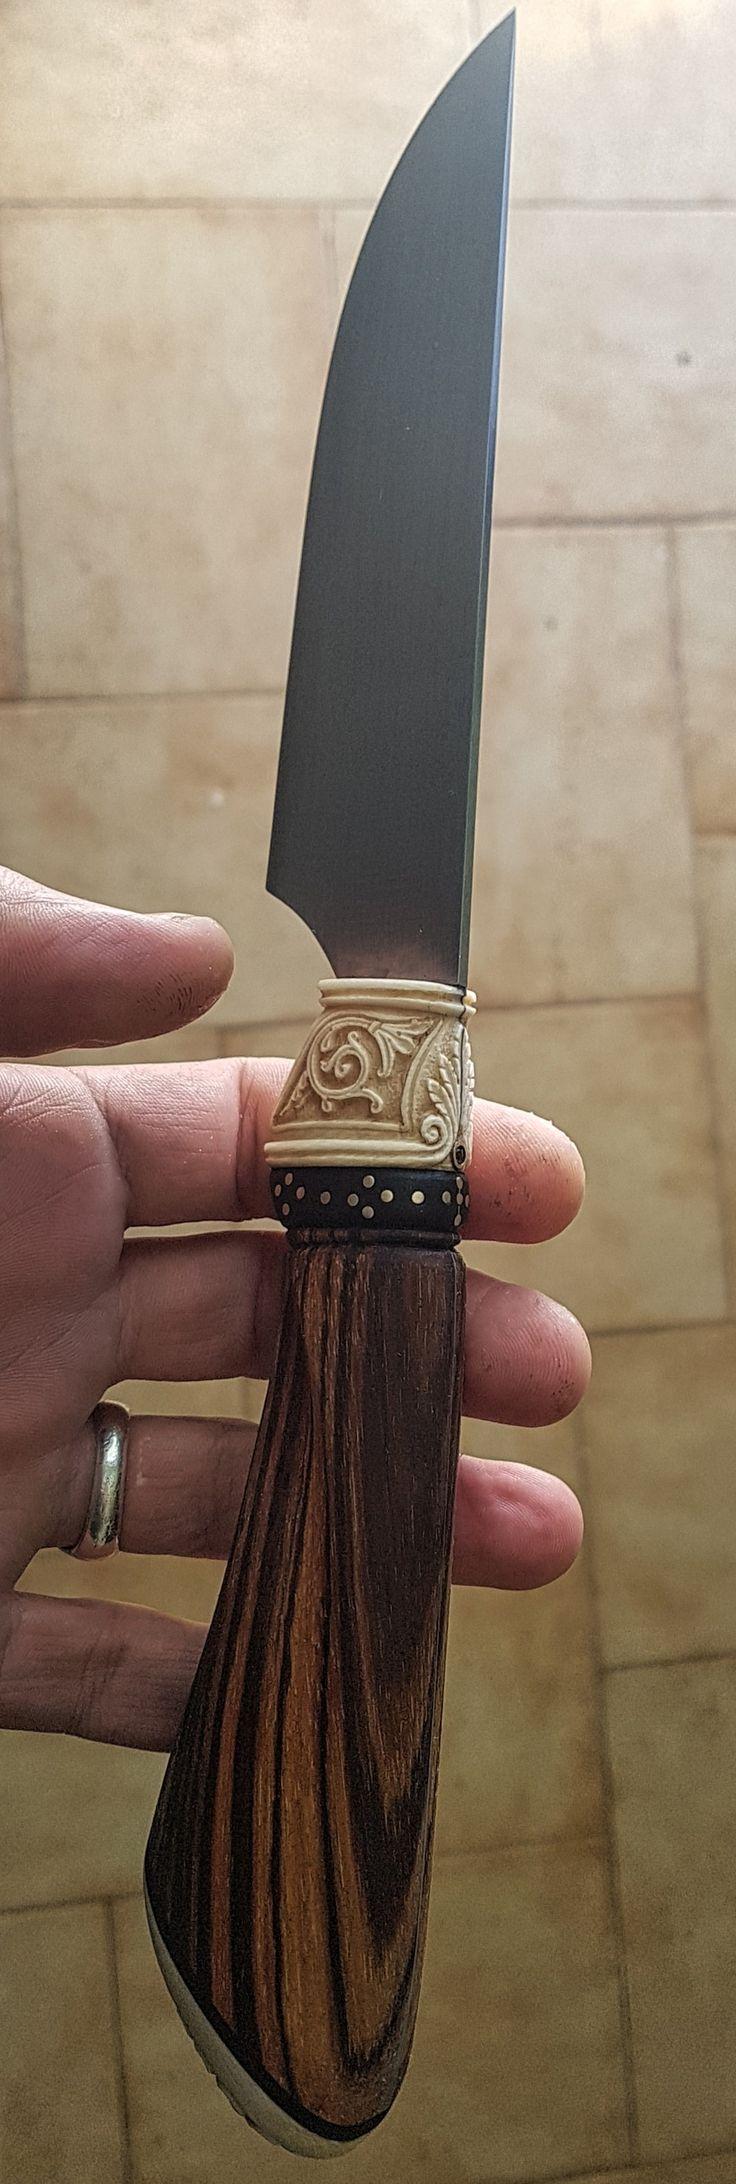 Handmade knife by vangelis tsoubris